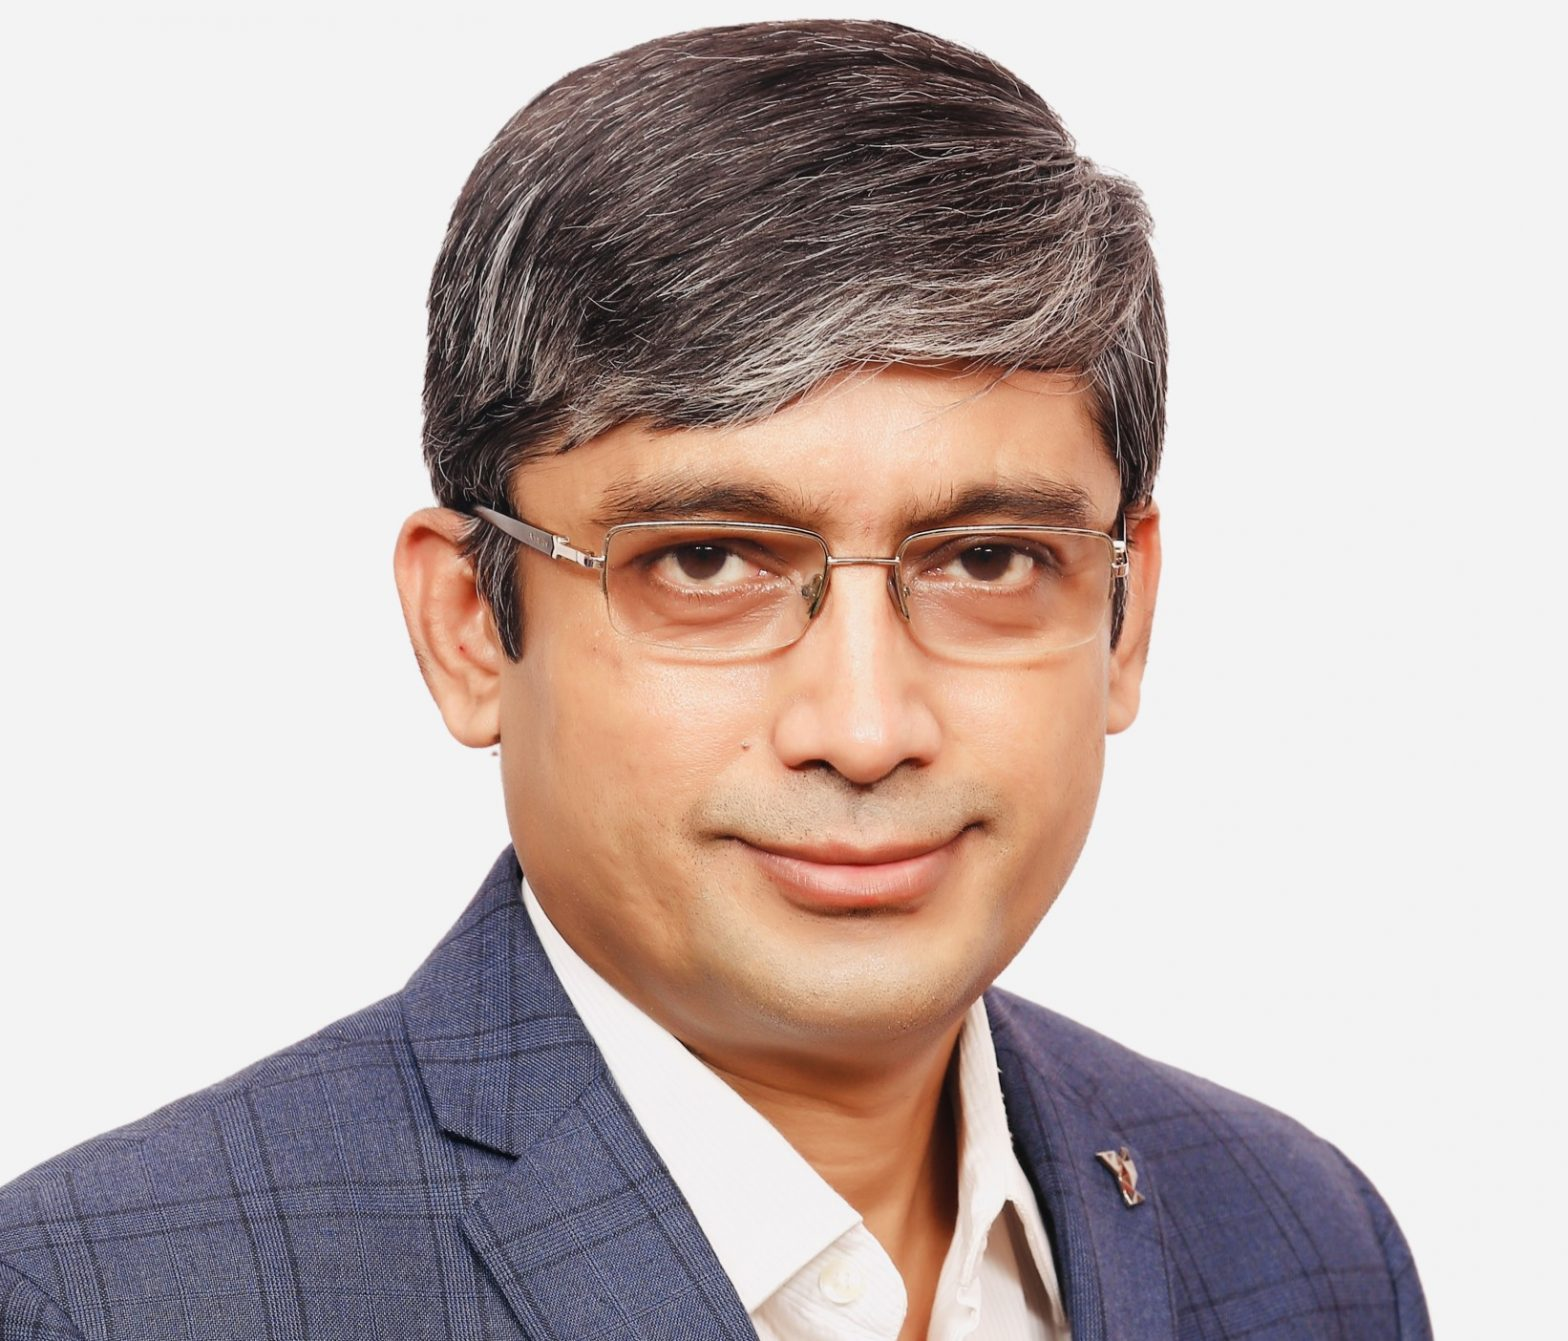 Manoj Paul, Managing Director, Equinix India